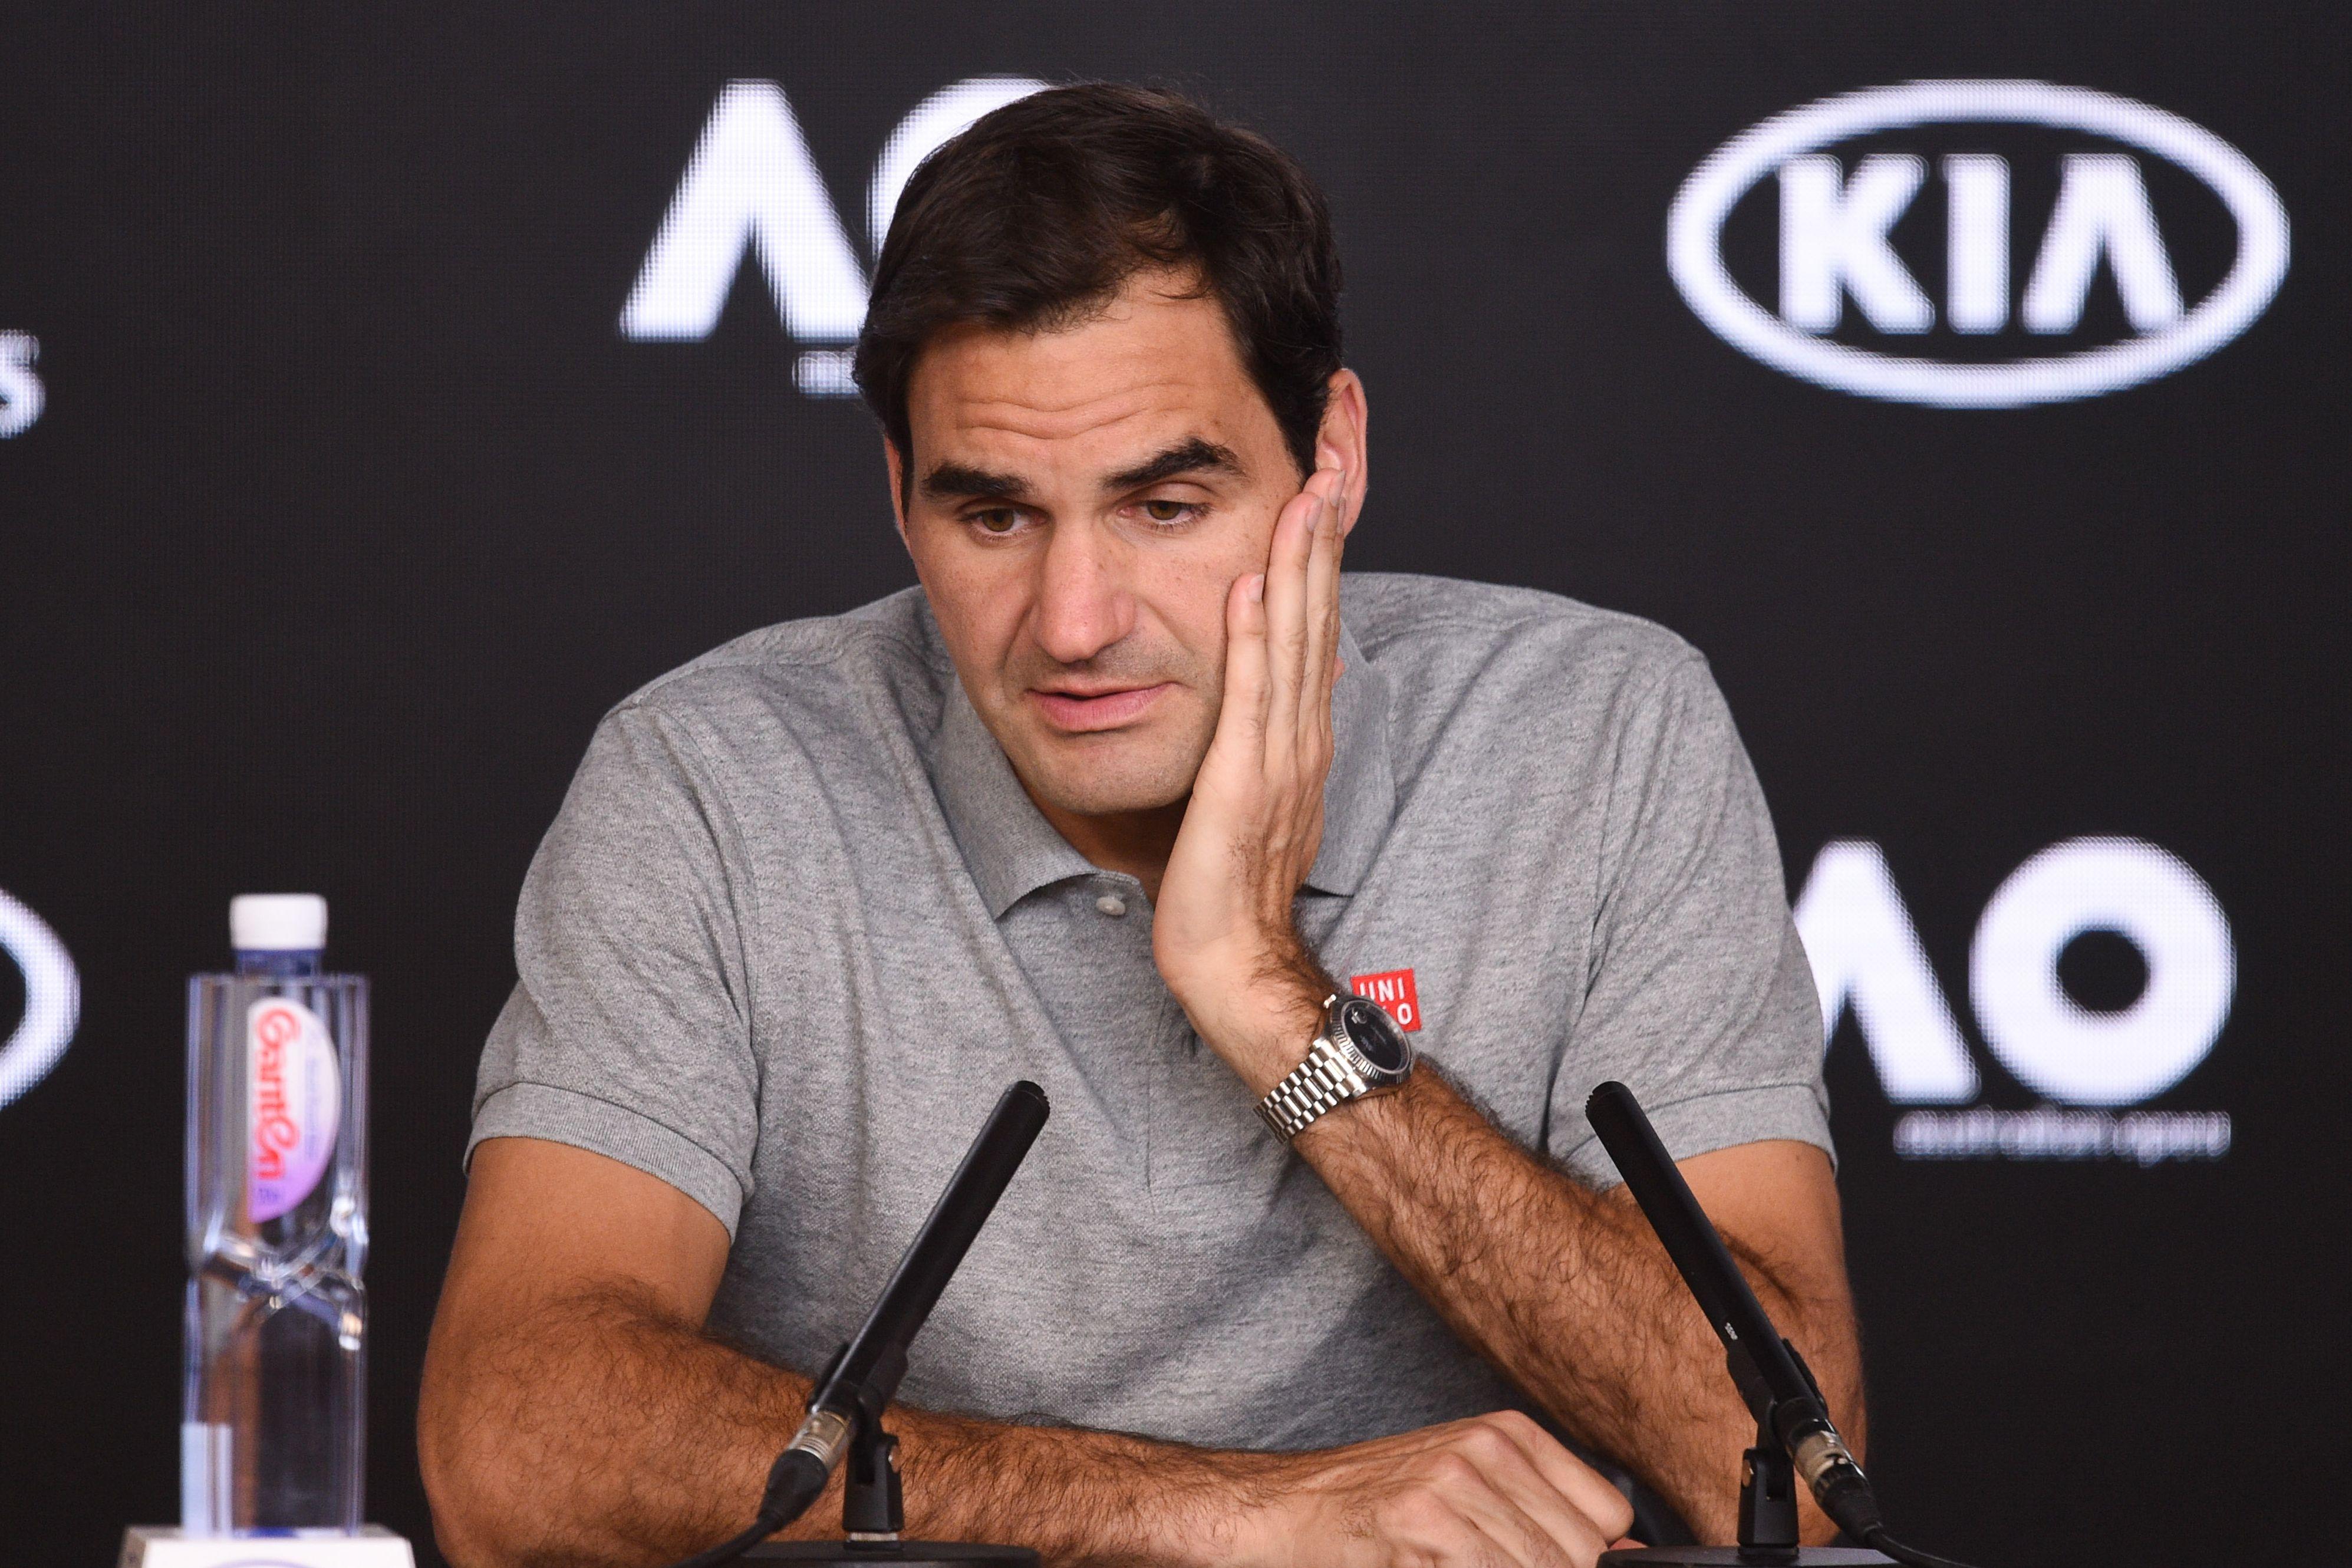 Директор Australian Open прокомментировал отказ Федерера от участия в турнире